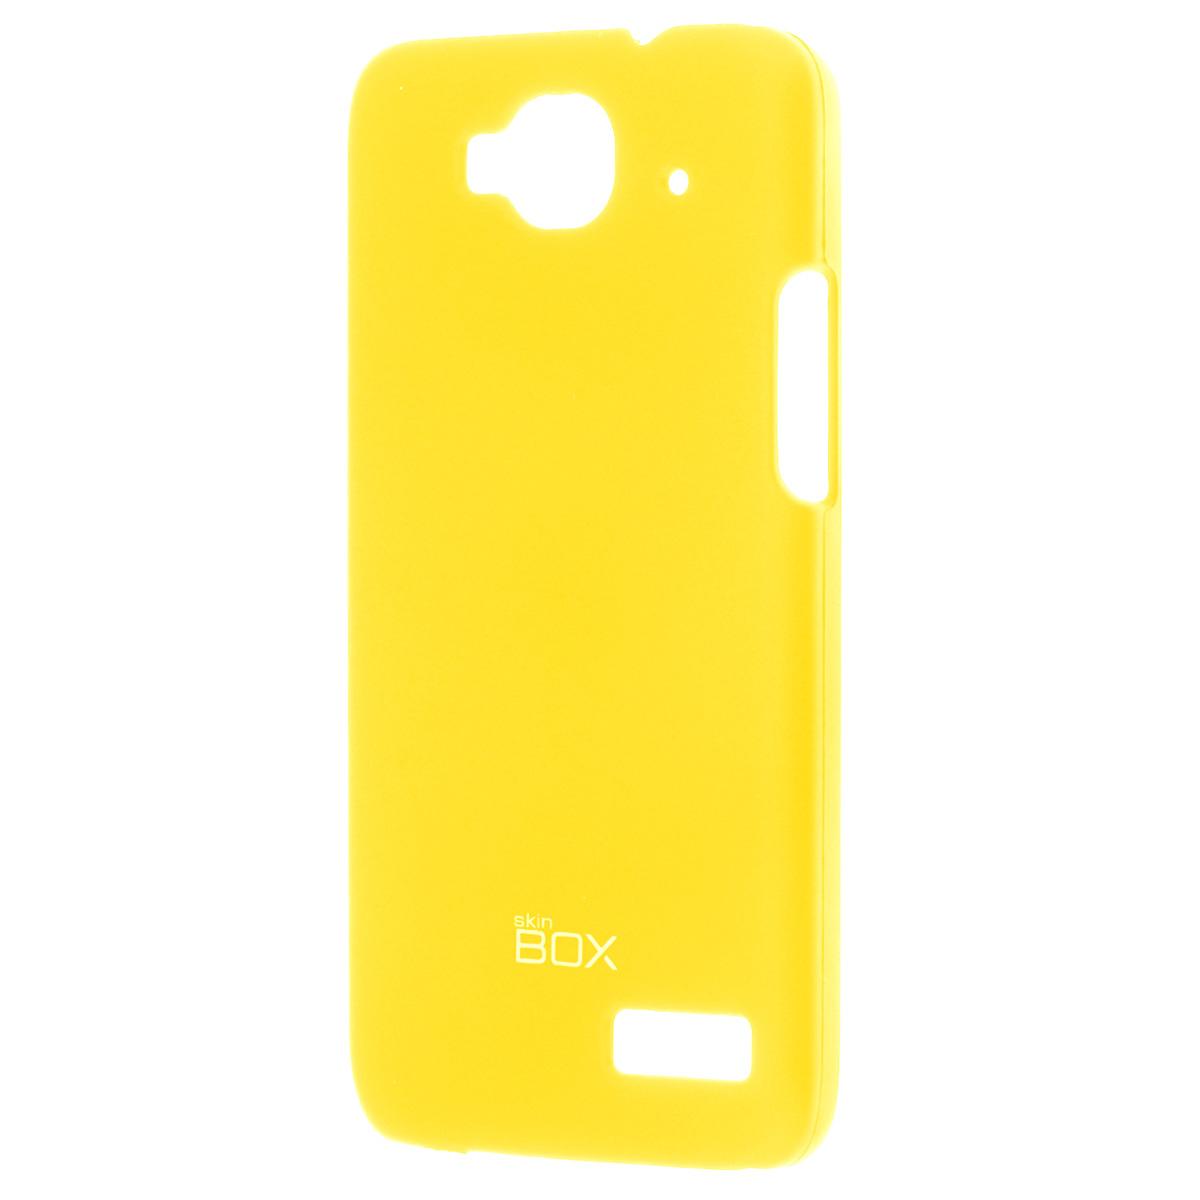 Skinbox Shield 4People чехол для Alcatel 6012D Idol Mini, YellowT-S-A6012D-002Накладка Skinbox Shield 4People для Alcatel 6012D Idol Mini - отличный аксессуар для защиты корпуса вашего смартфона от внешних повреждений, сохраняющий размеры устройства и обеспечивающий удобство работы с ним. Устойчивый к истиранию пластик надежно амортизирует мелкие механические воздействия и предотвращает появление царапин или потертостей на корпусе вашего гаджета. В комплект также входит защитная пленка для экрана смартфона.